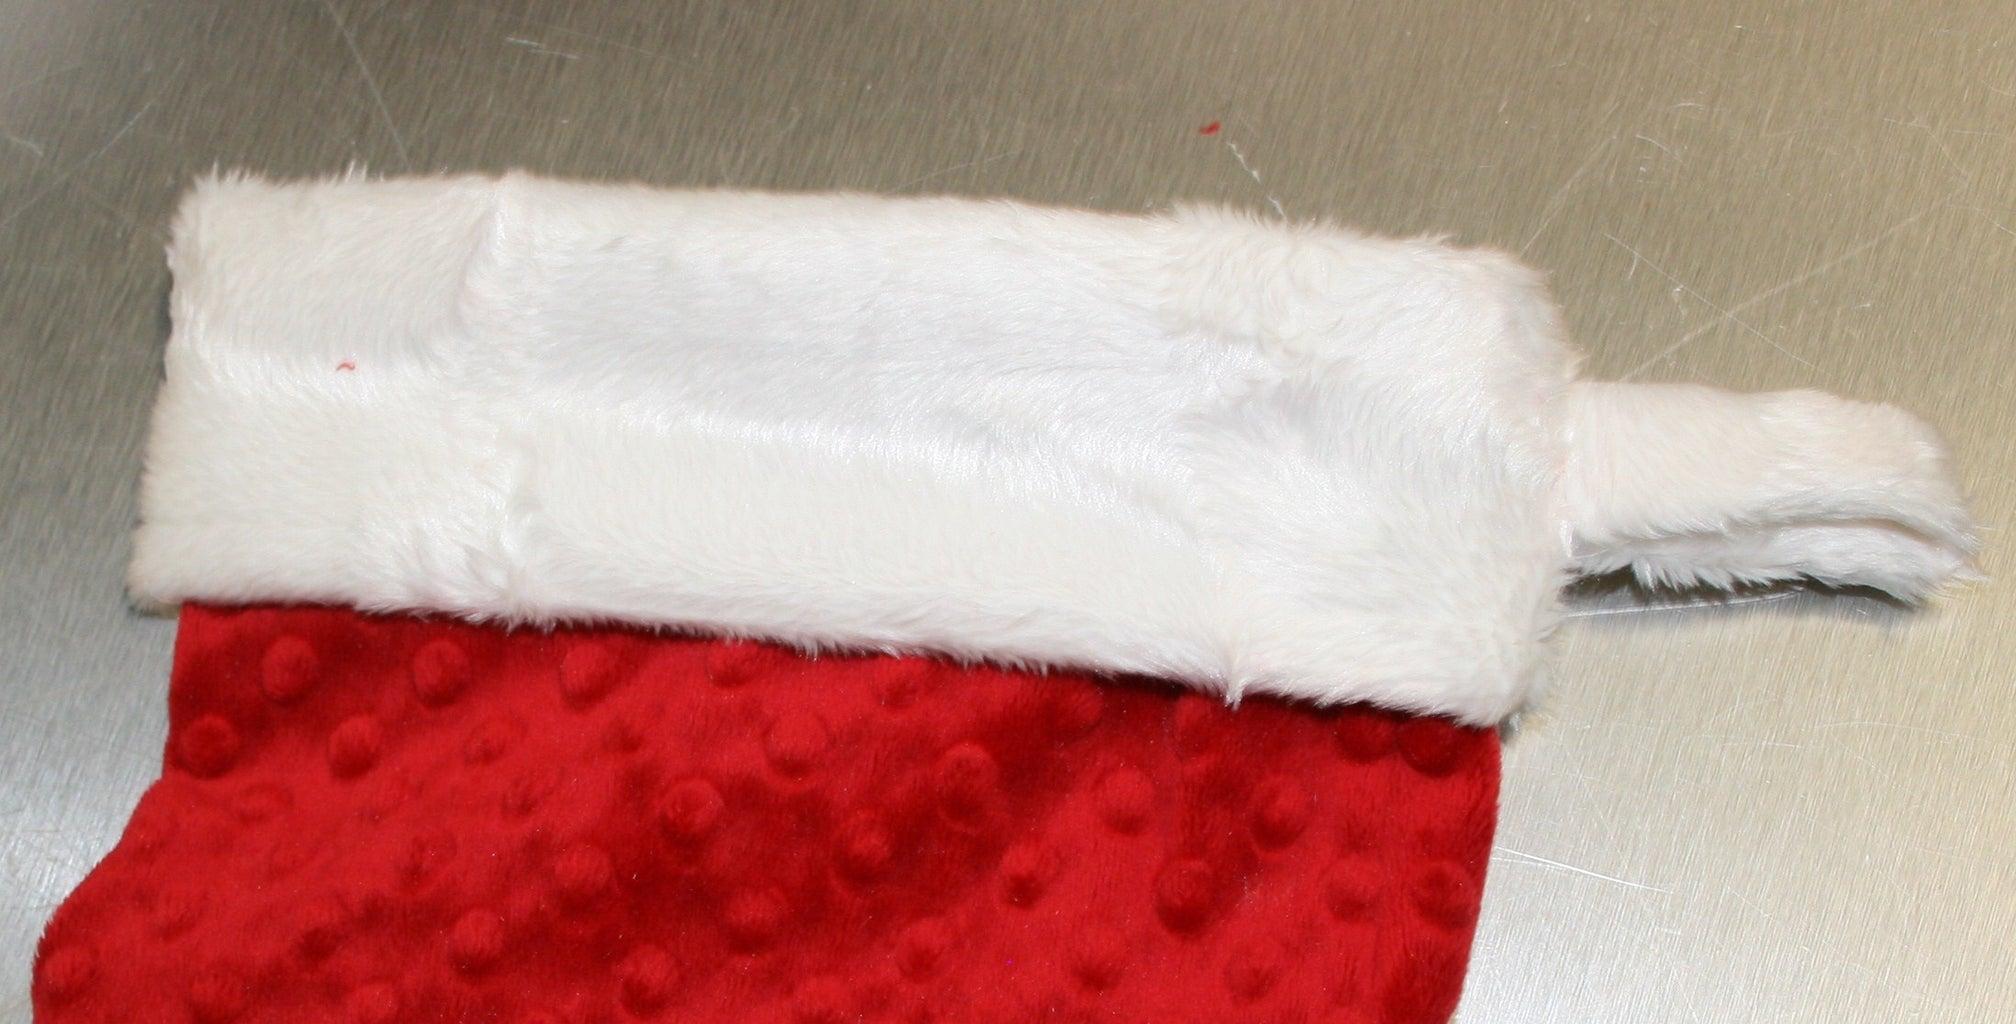 Sew Cuff to Stocking